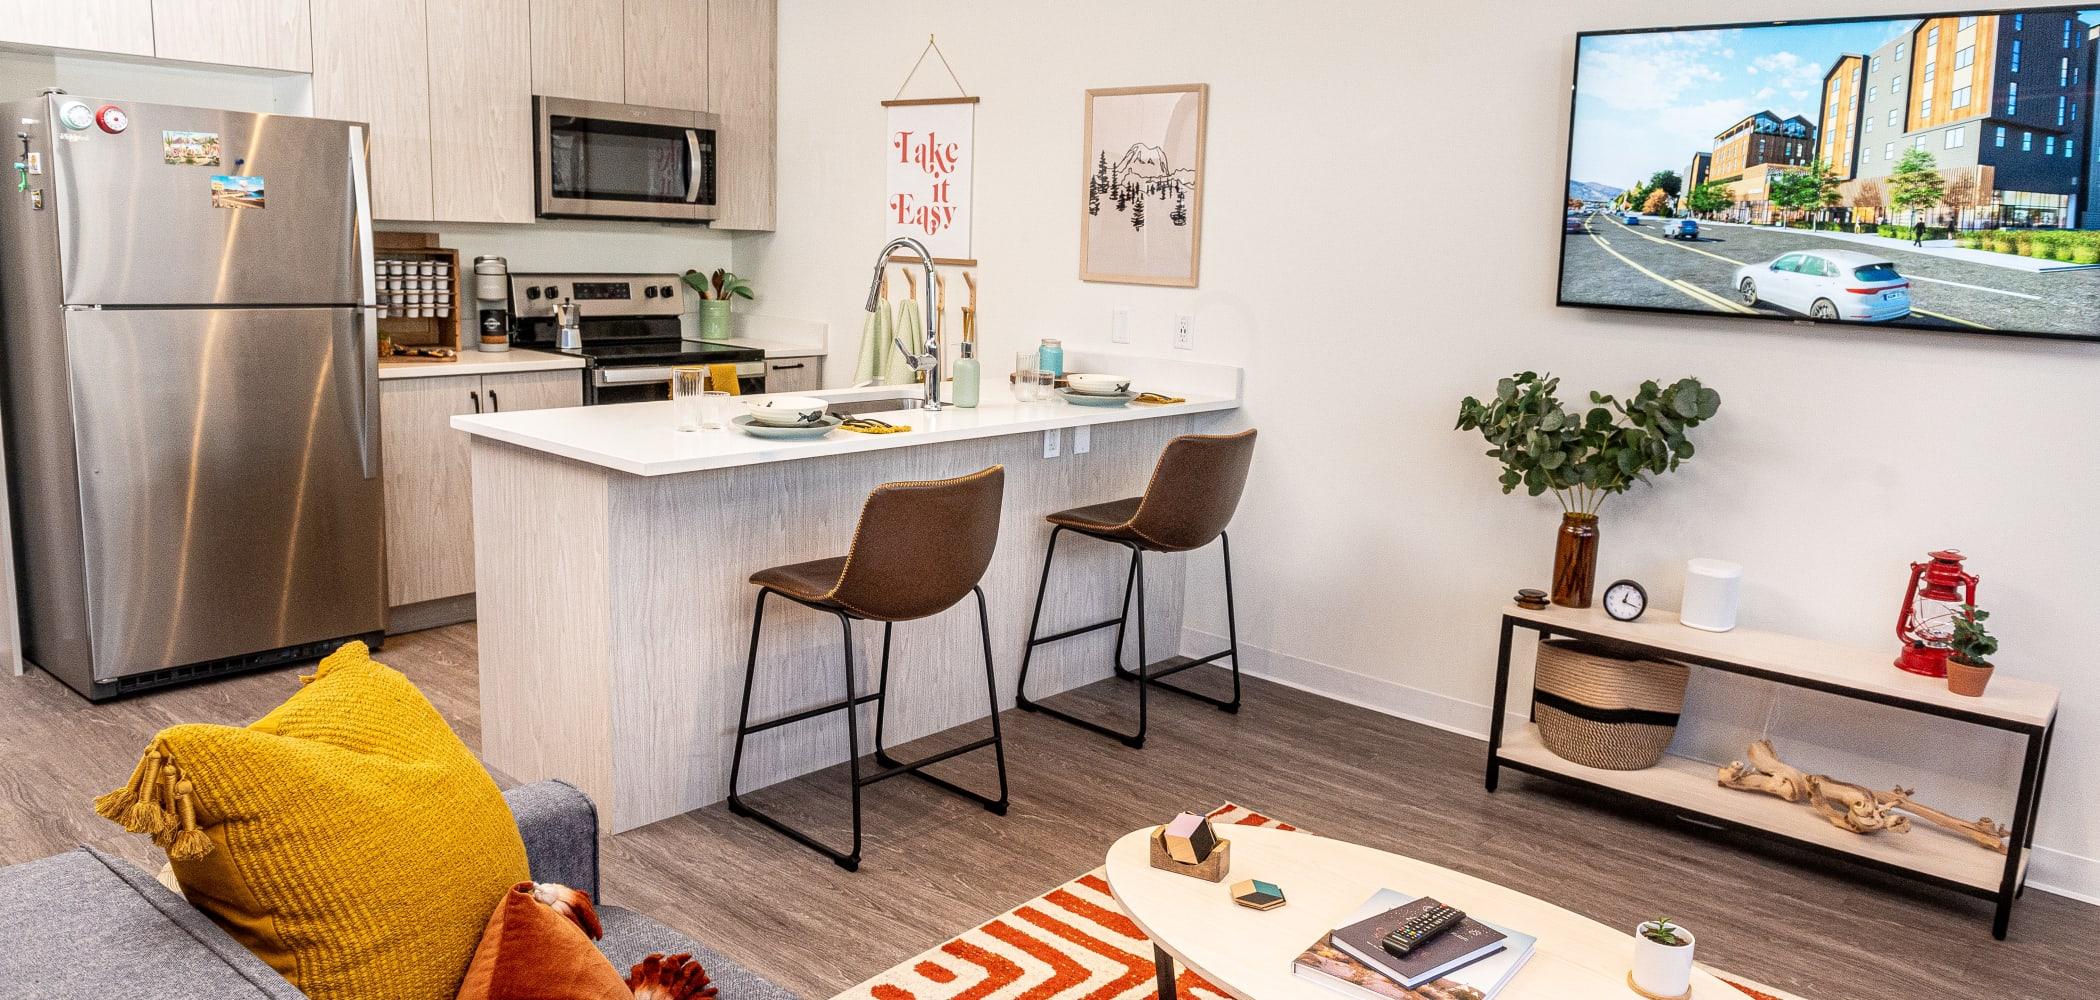 Modern Kitchen at UNCOMMON Flagstaff in Flagstaff, Arizona